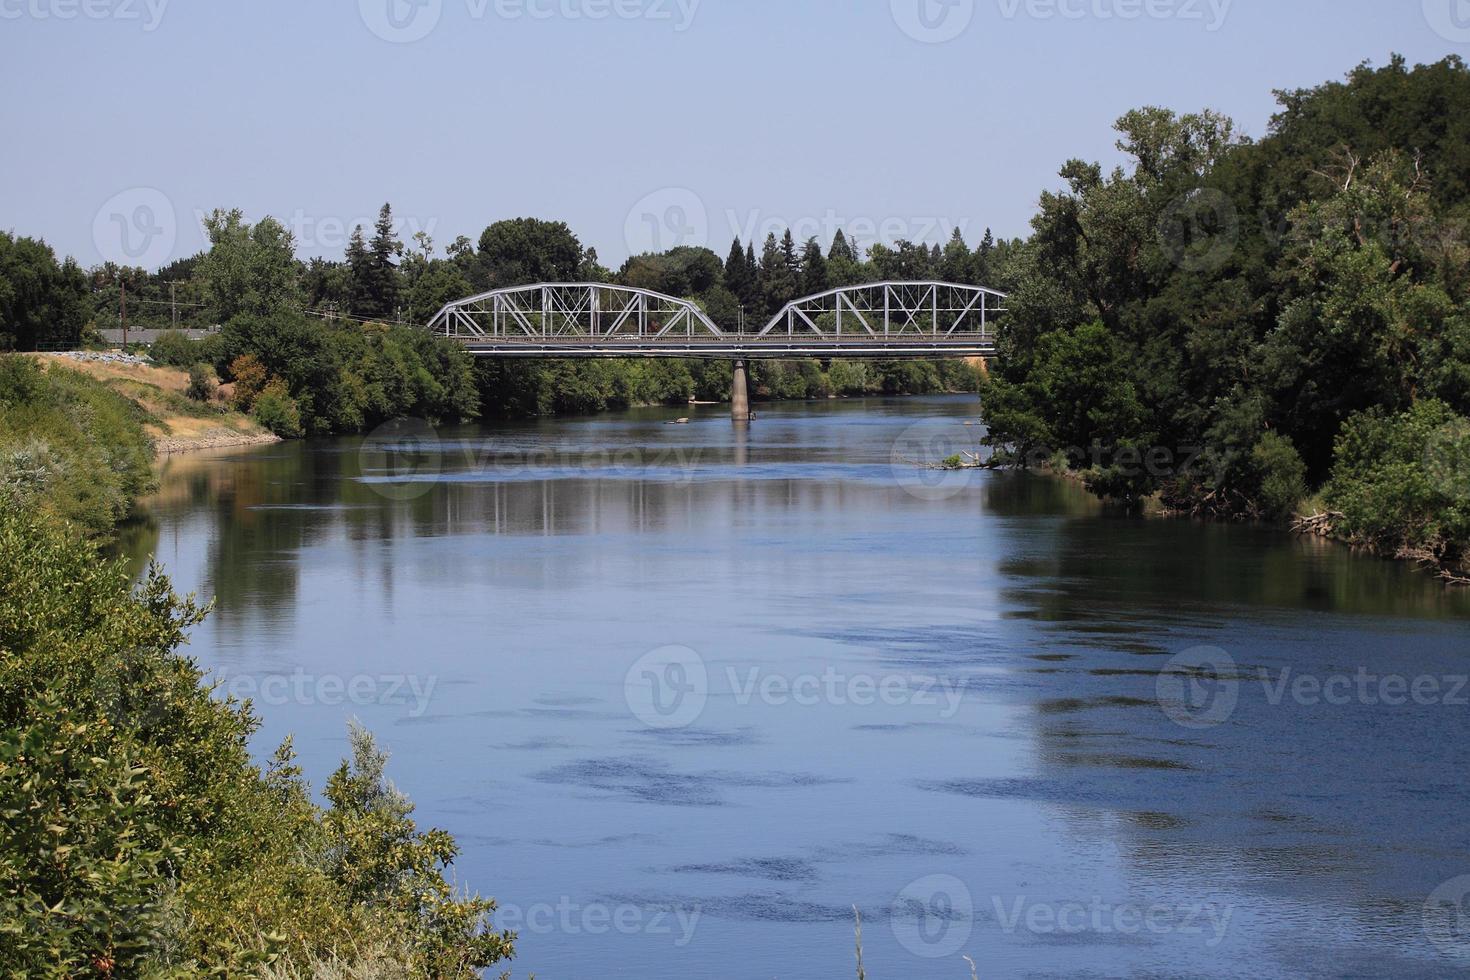 río americano y puente de la calle j de sacramento foto